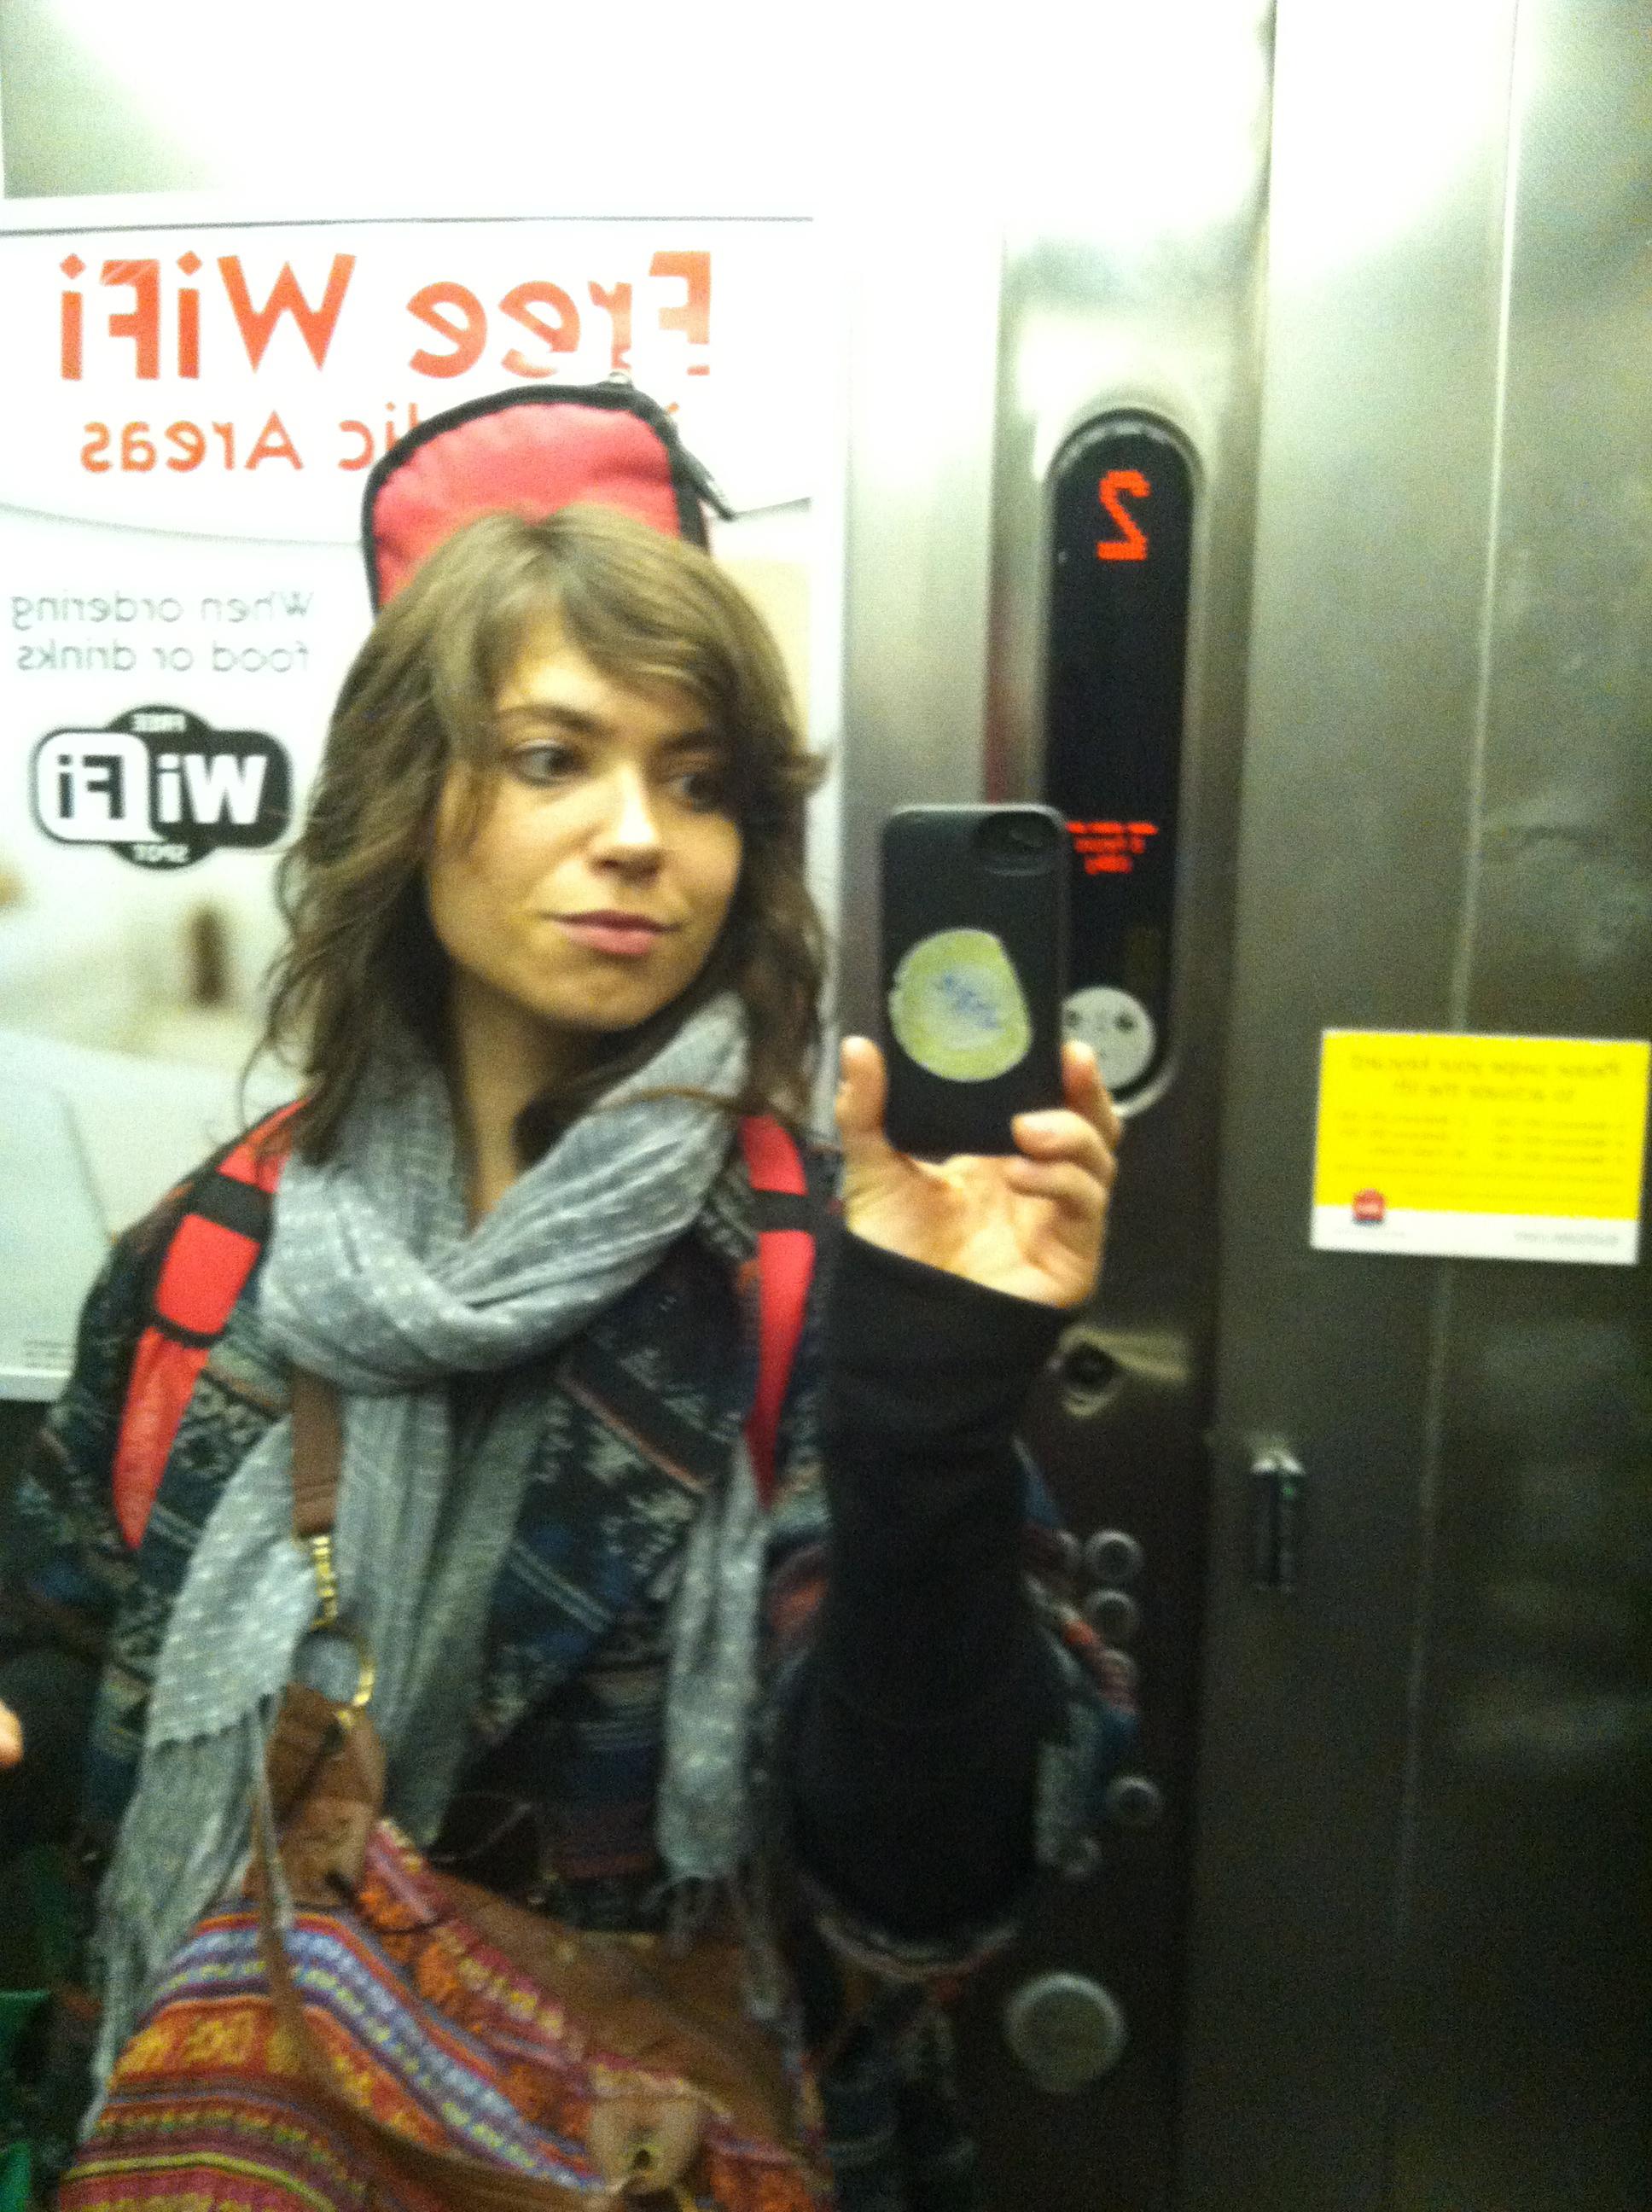 elevator selfie 2.jpg